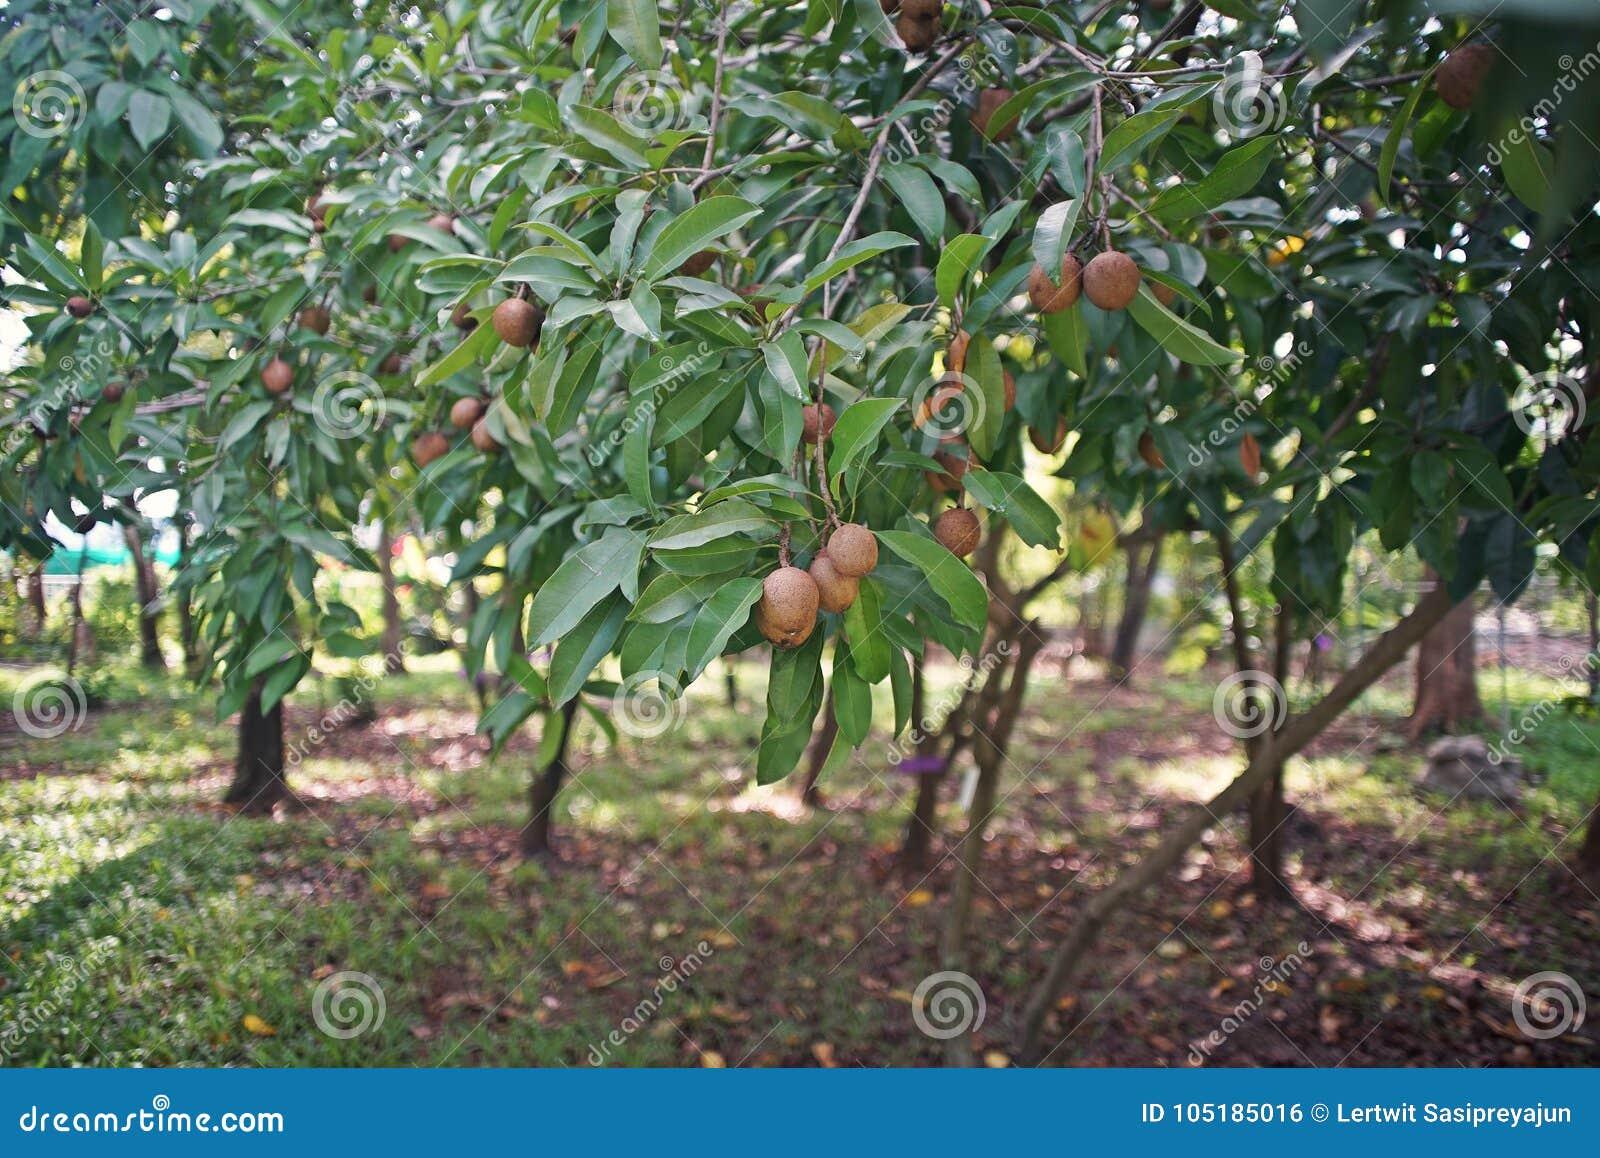 Piante Da Frutto Sempreverdi sapota, nativo sempreverde dell'albero da frutto nel messico